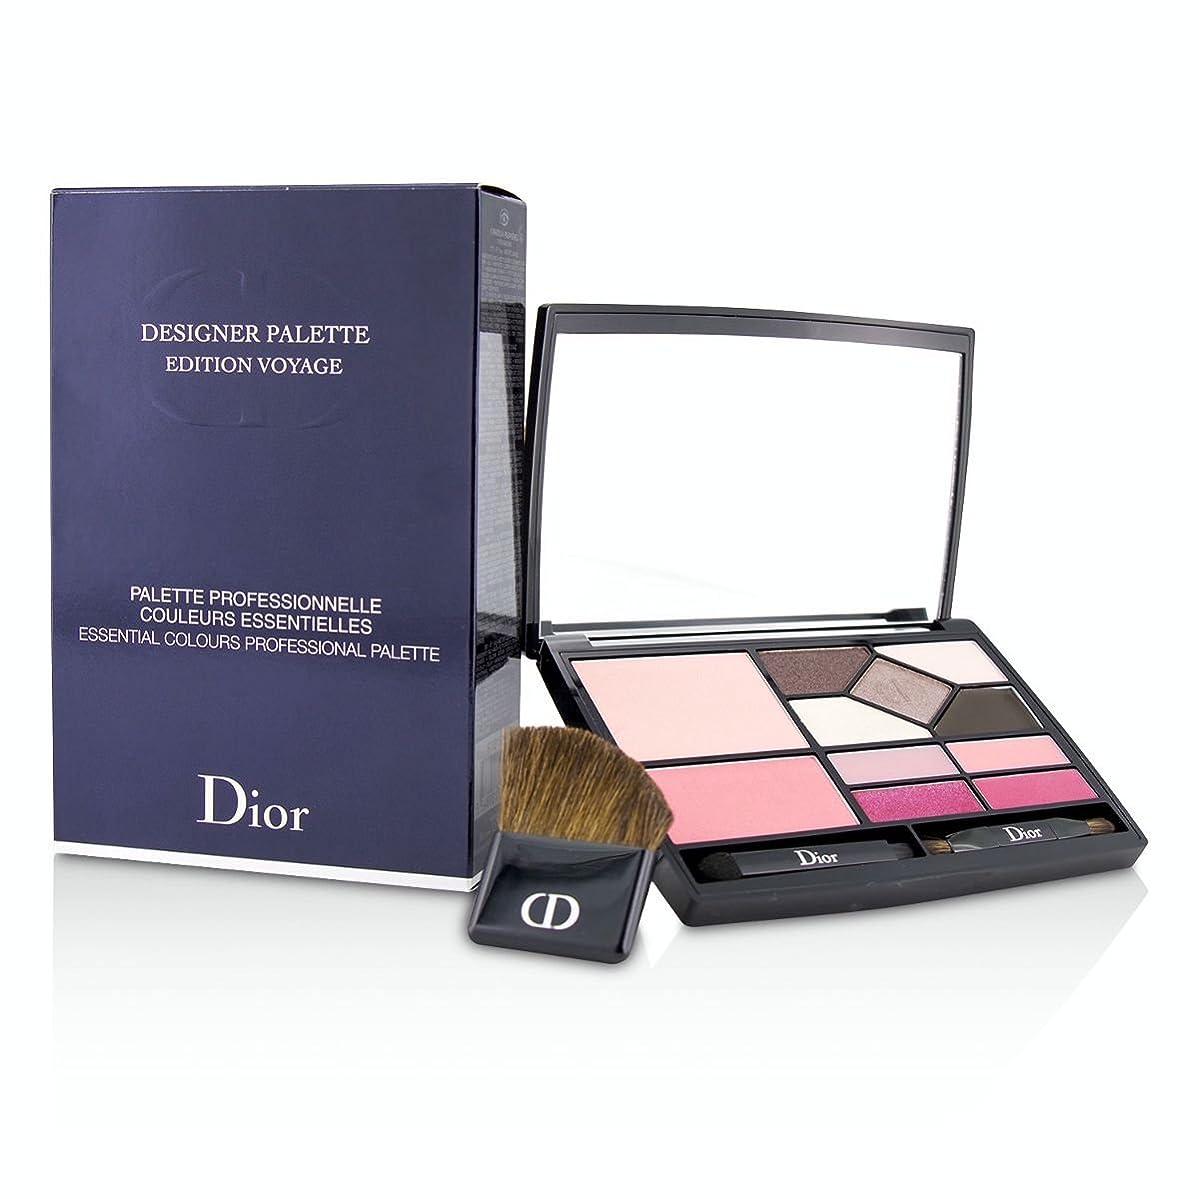 割合支給透ける[Christian Dior] Designer Palette Edition Voyage (Harmony Rose) 17.7g/0.59oz